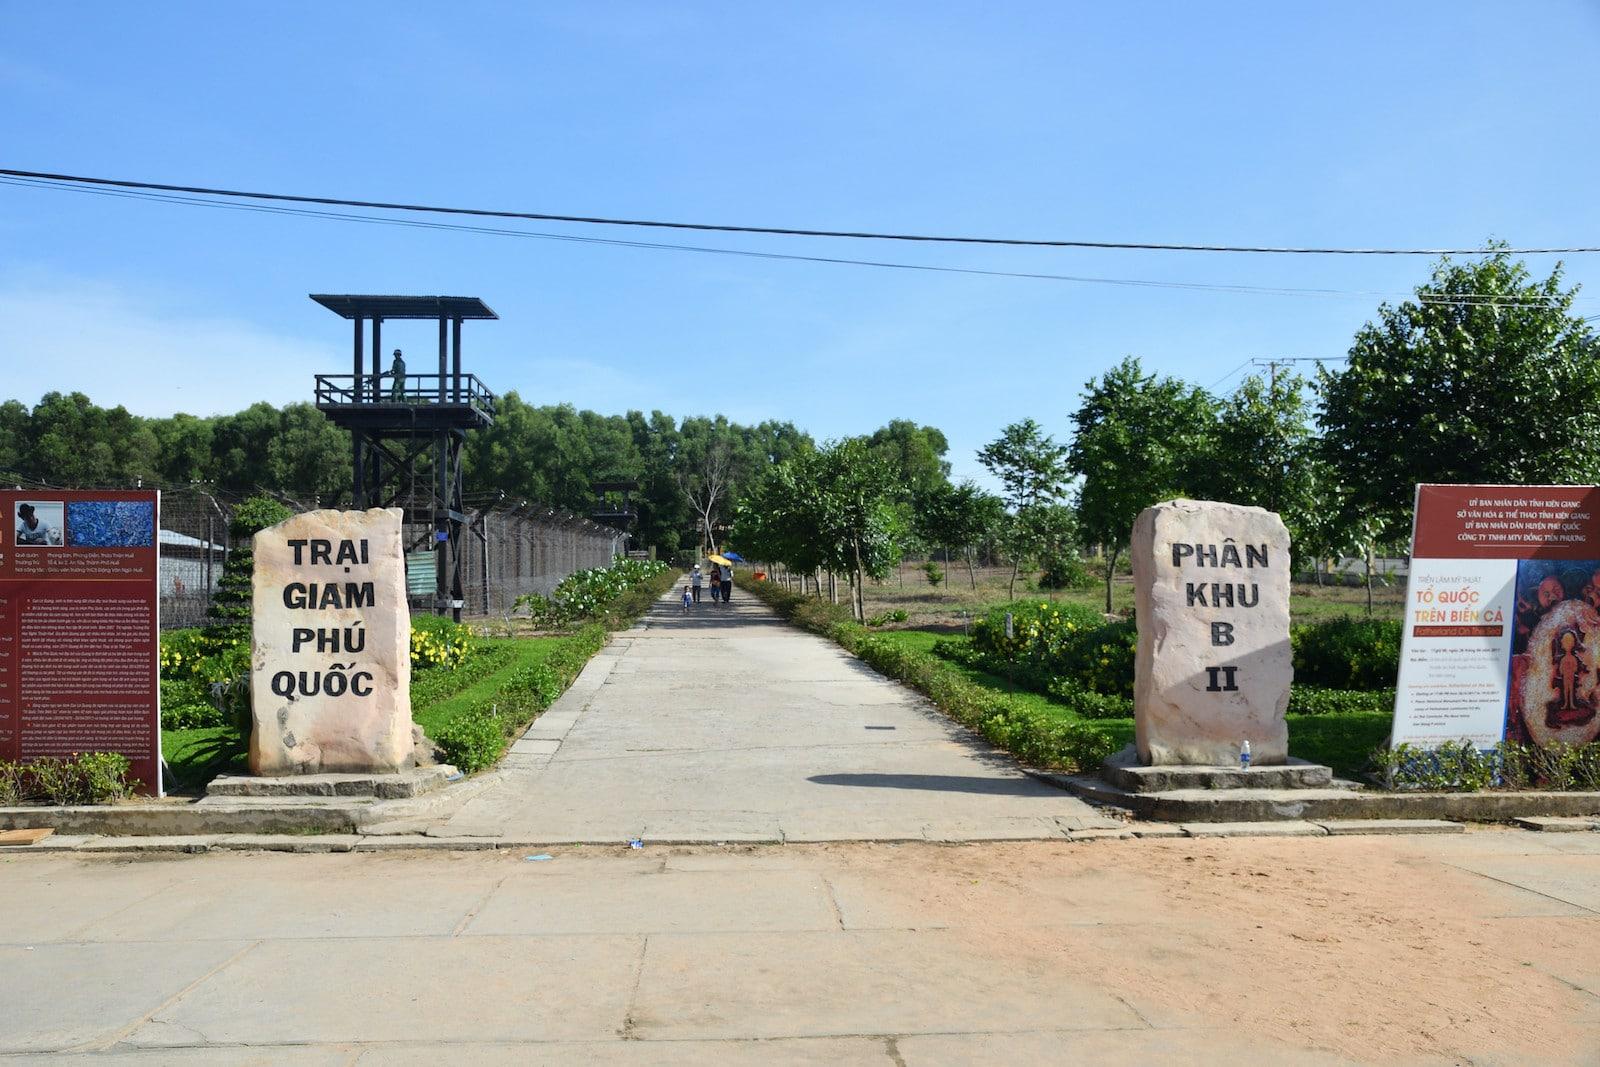 Image of Phu Quoc Prison in Vietnam